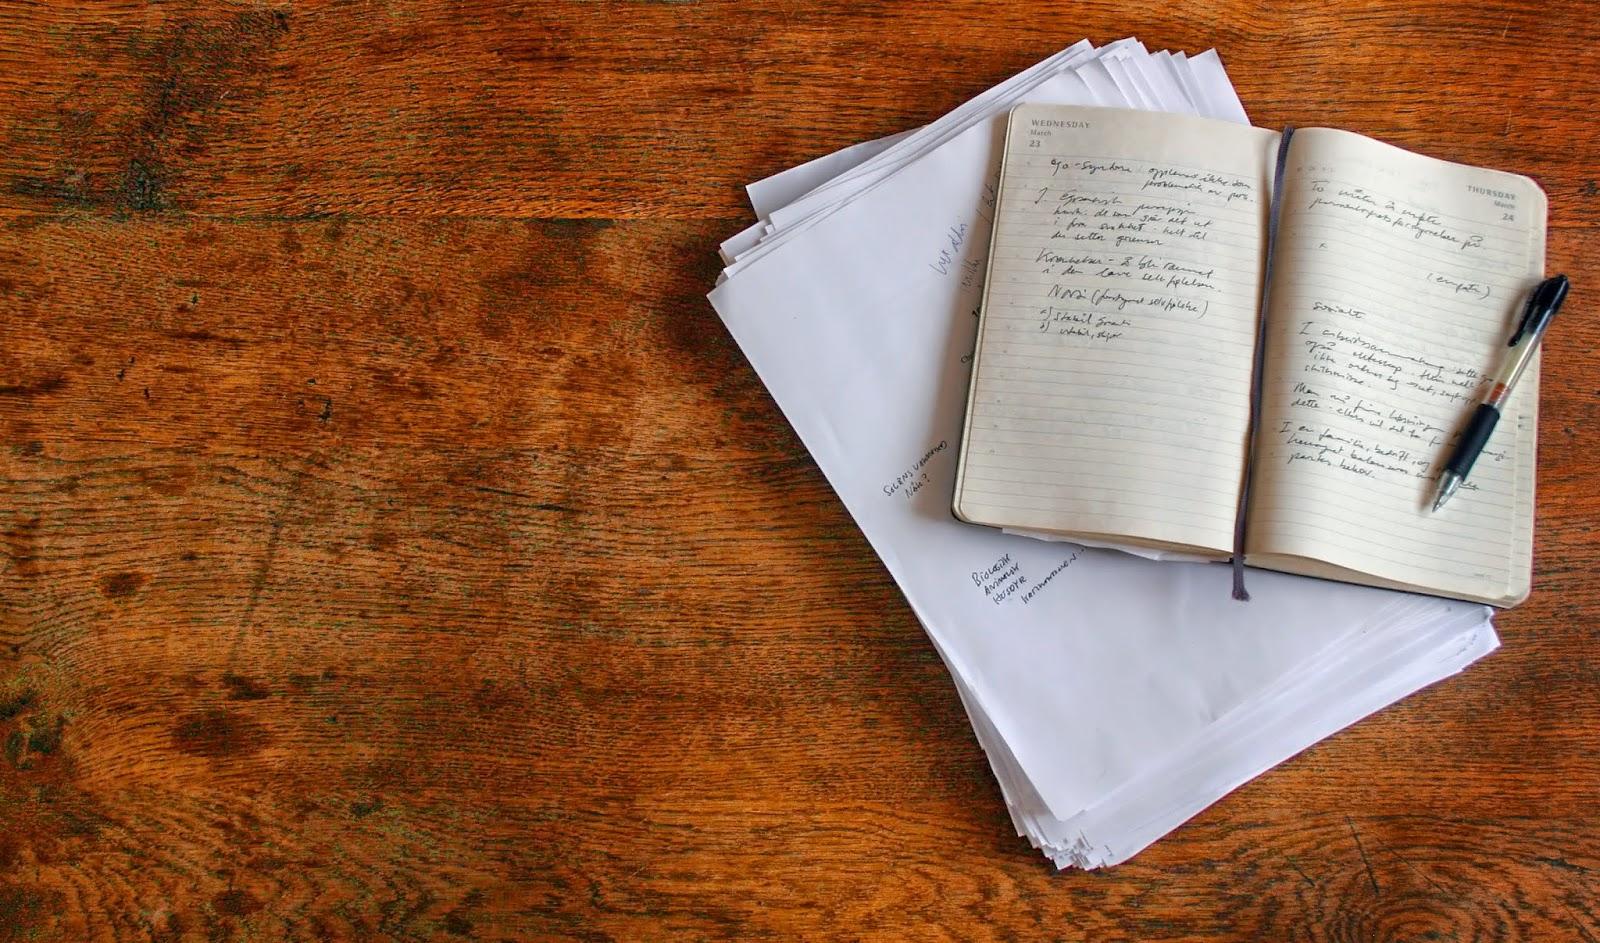 sang pena, kenapa menulis